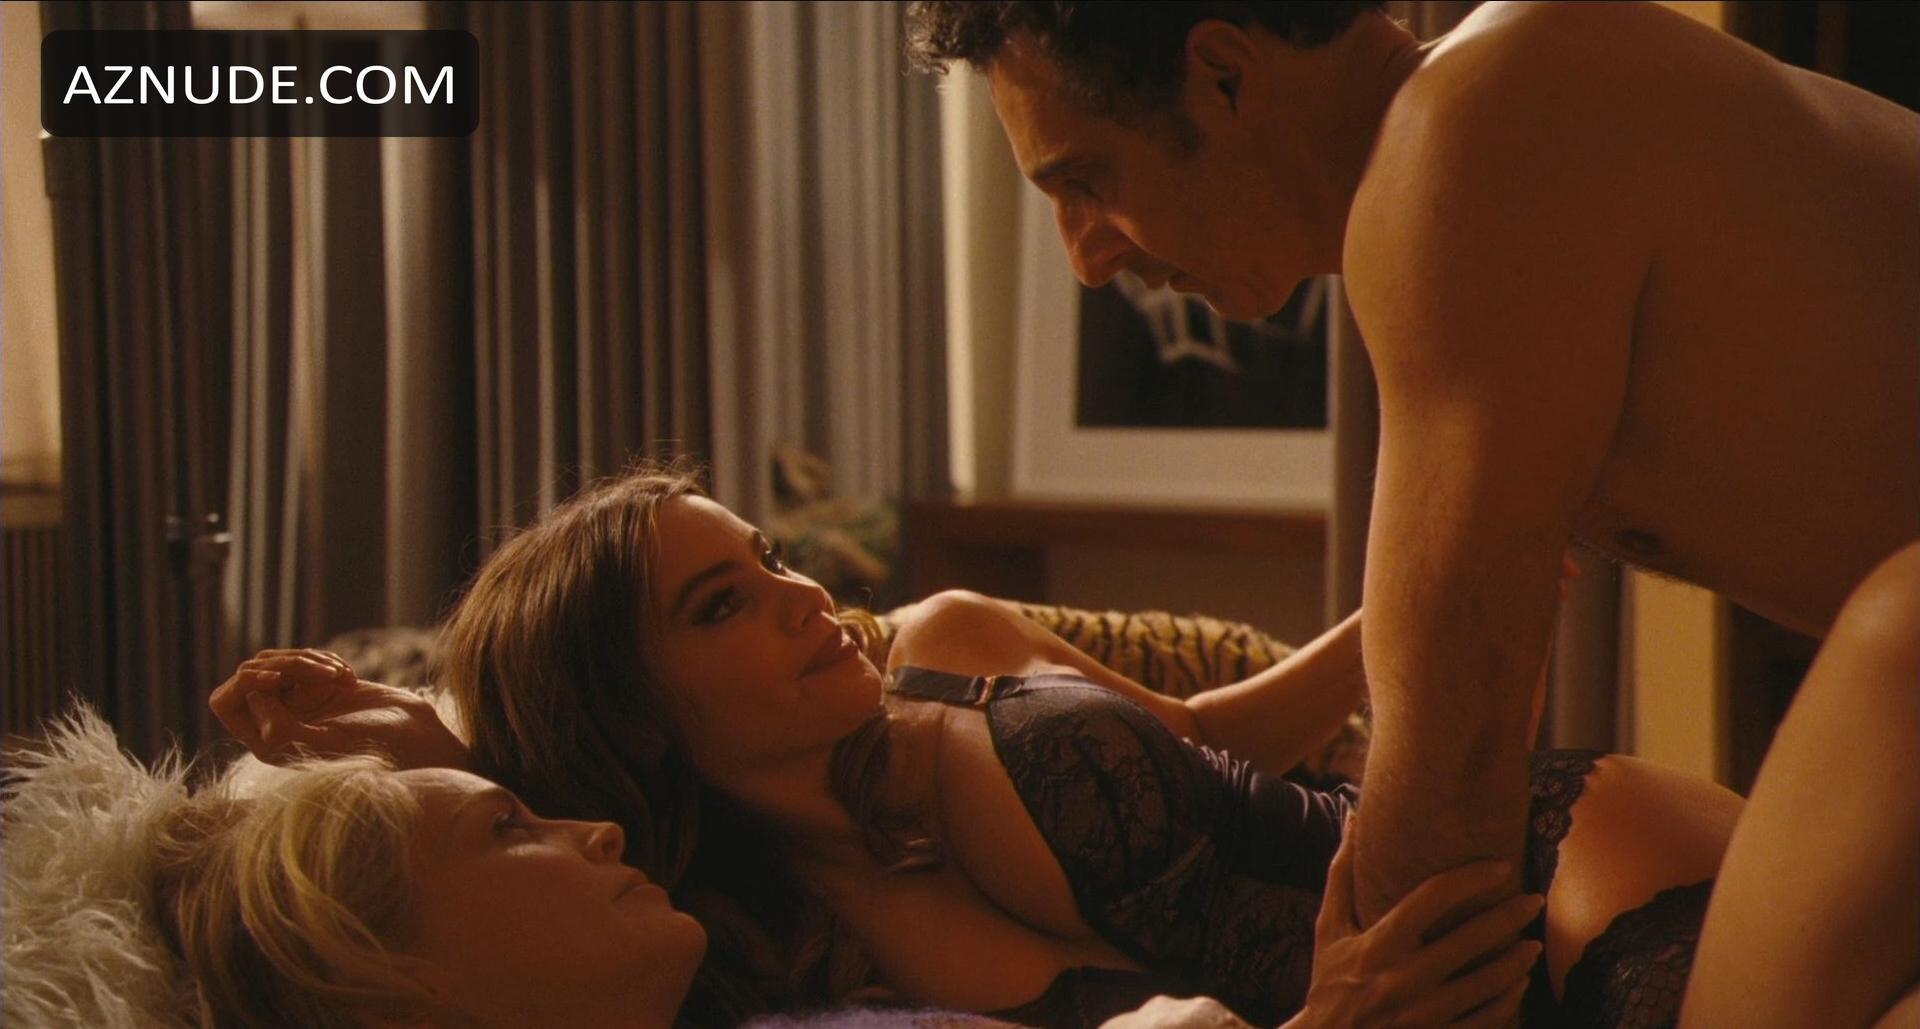 Sofia vergara sex scenes